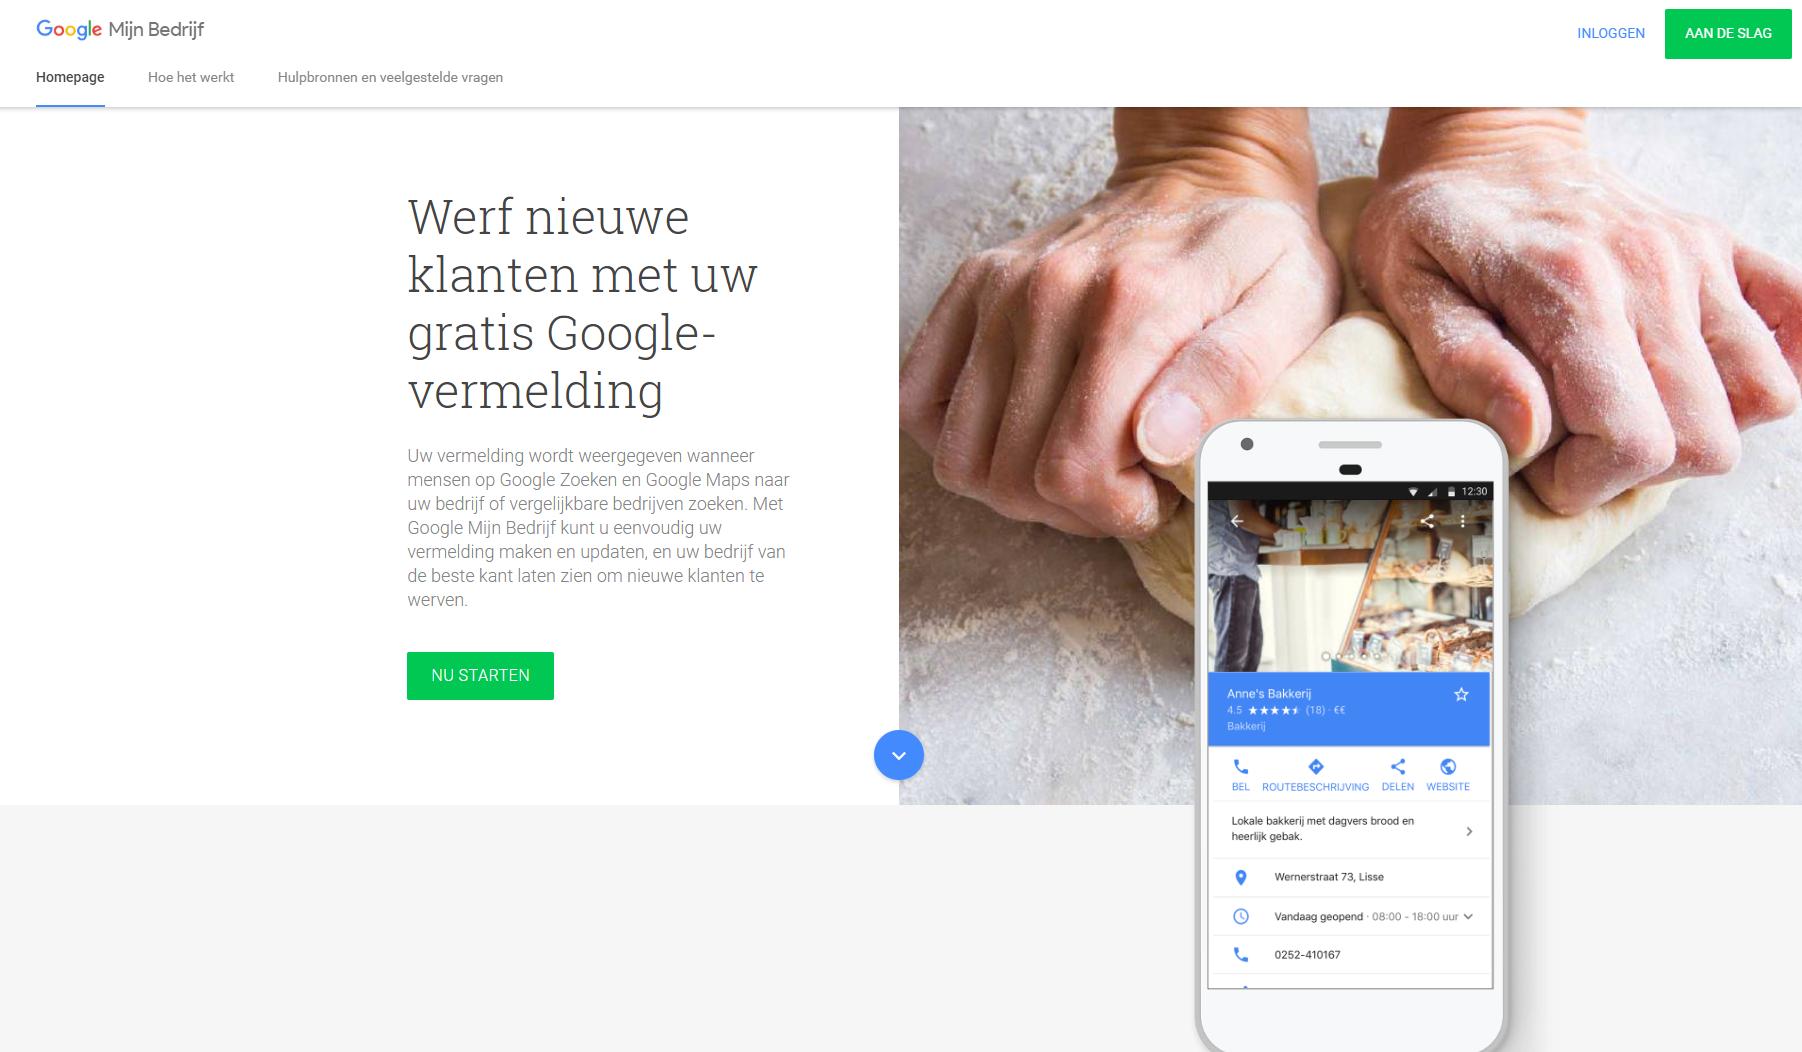 Je bedrijf in Google Mijn Bedrijf claimen en verifiëren